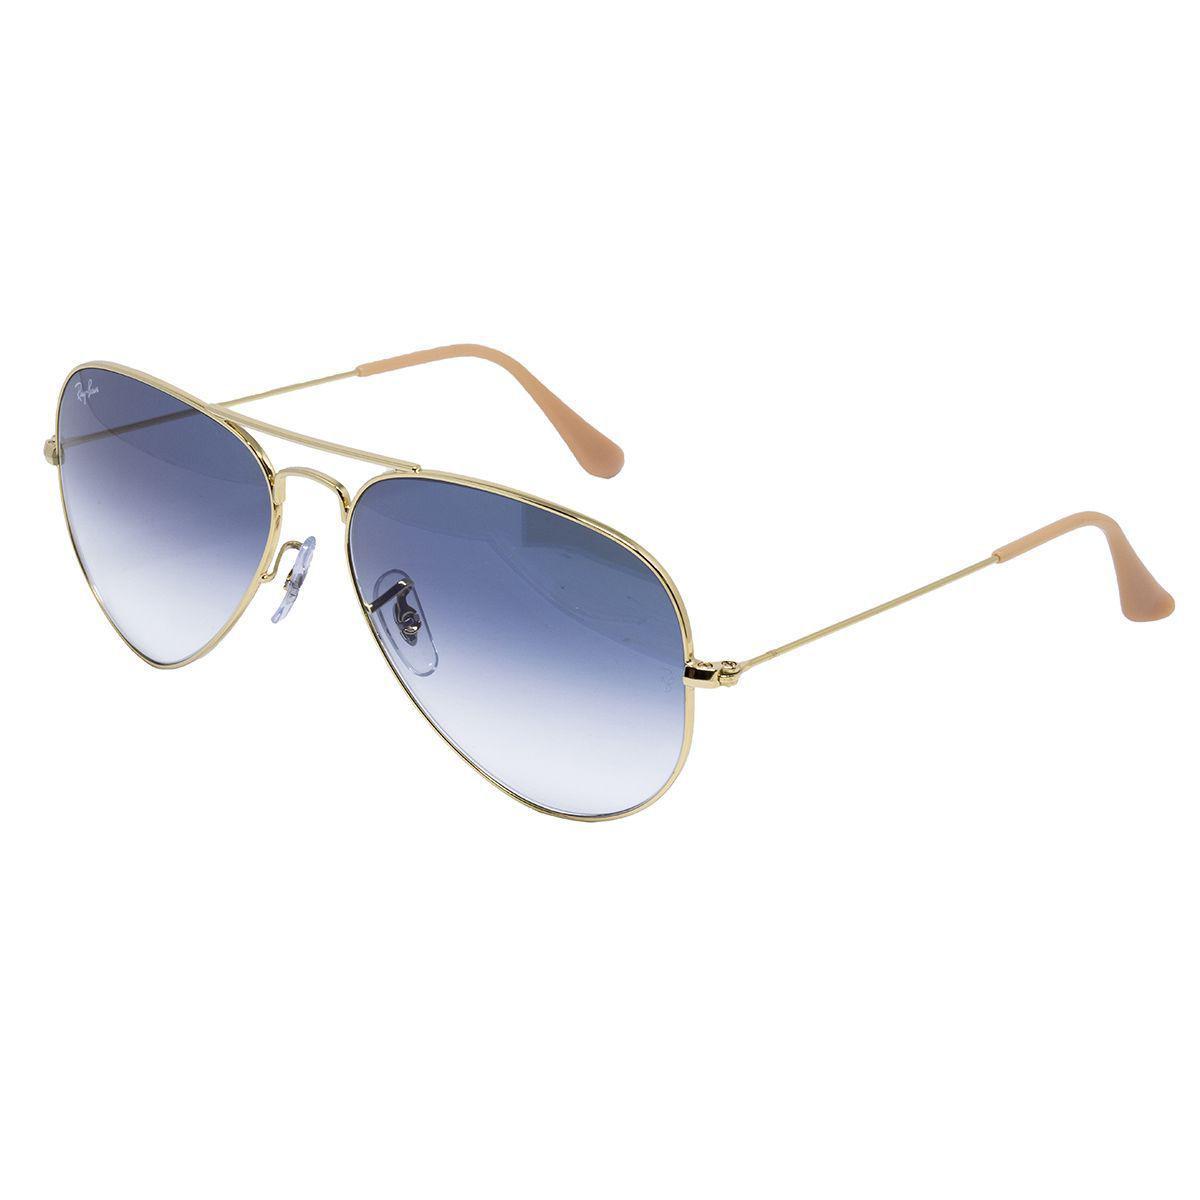 Óculos de Sol Ray Ban RB3025L - Metal dourado, Lente Azul Degradê R  559,00  à vista. Adicionar à sacola 13ef1e3327